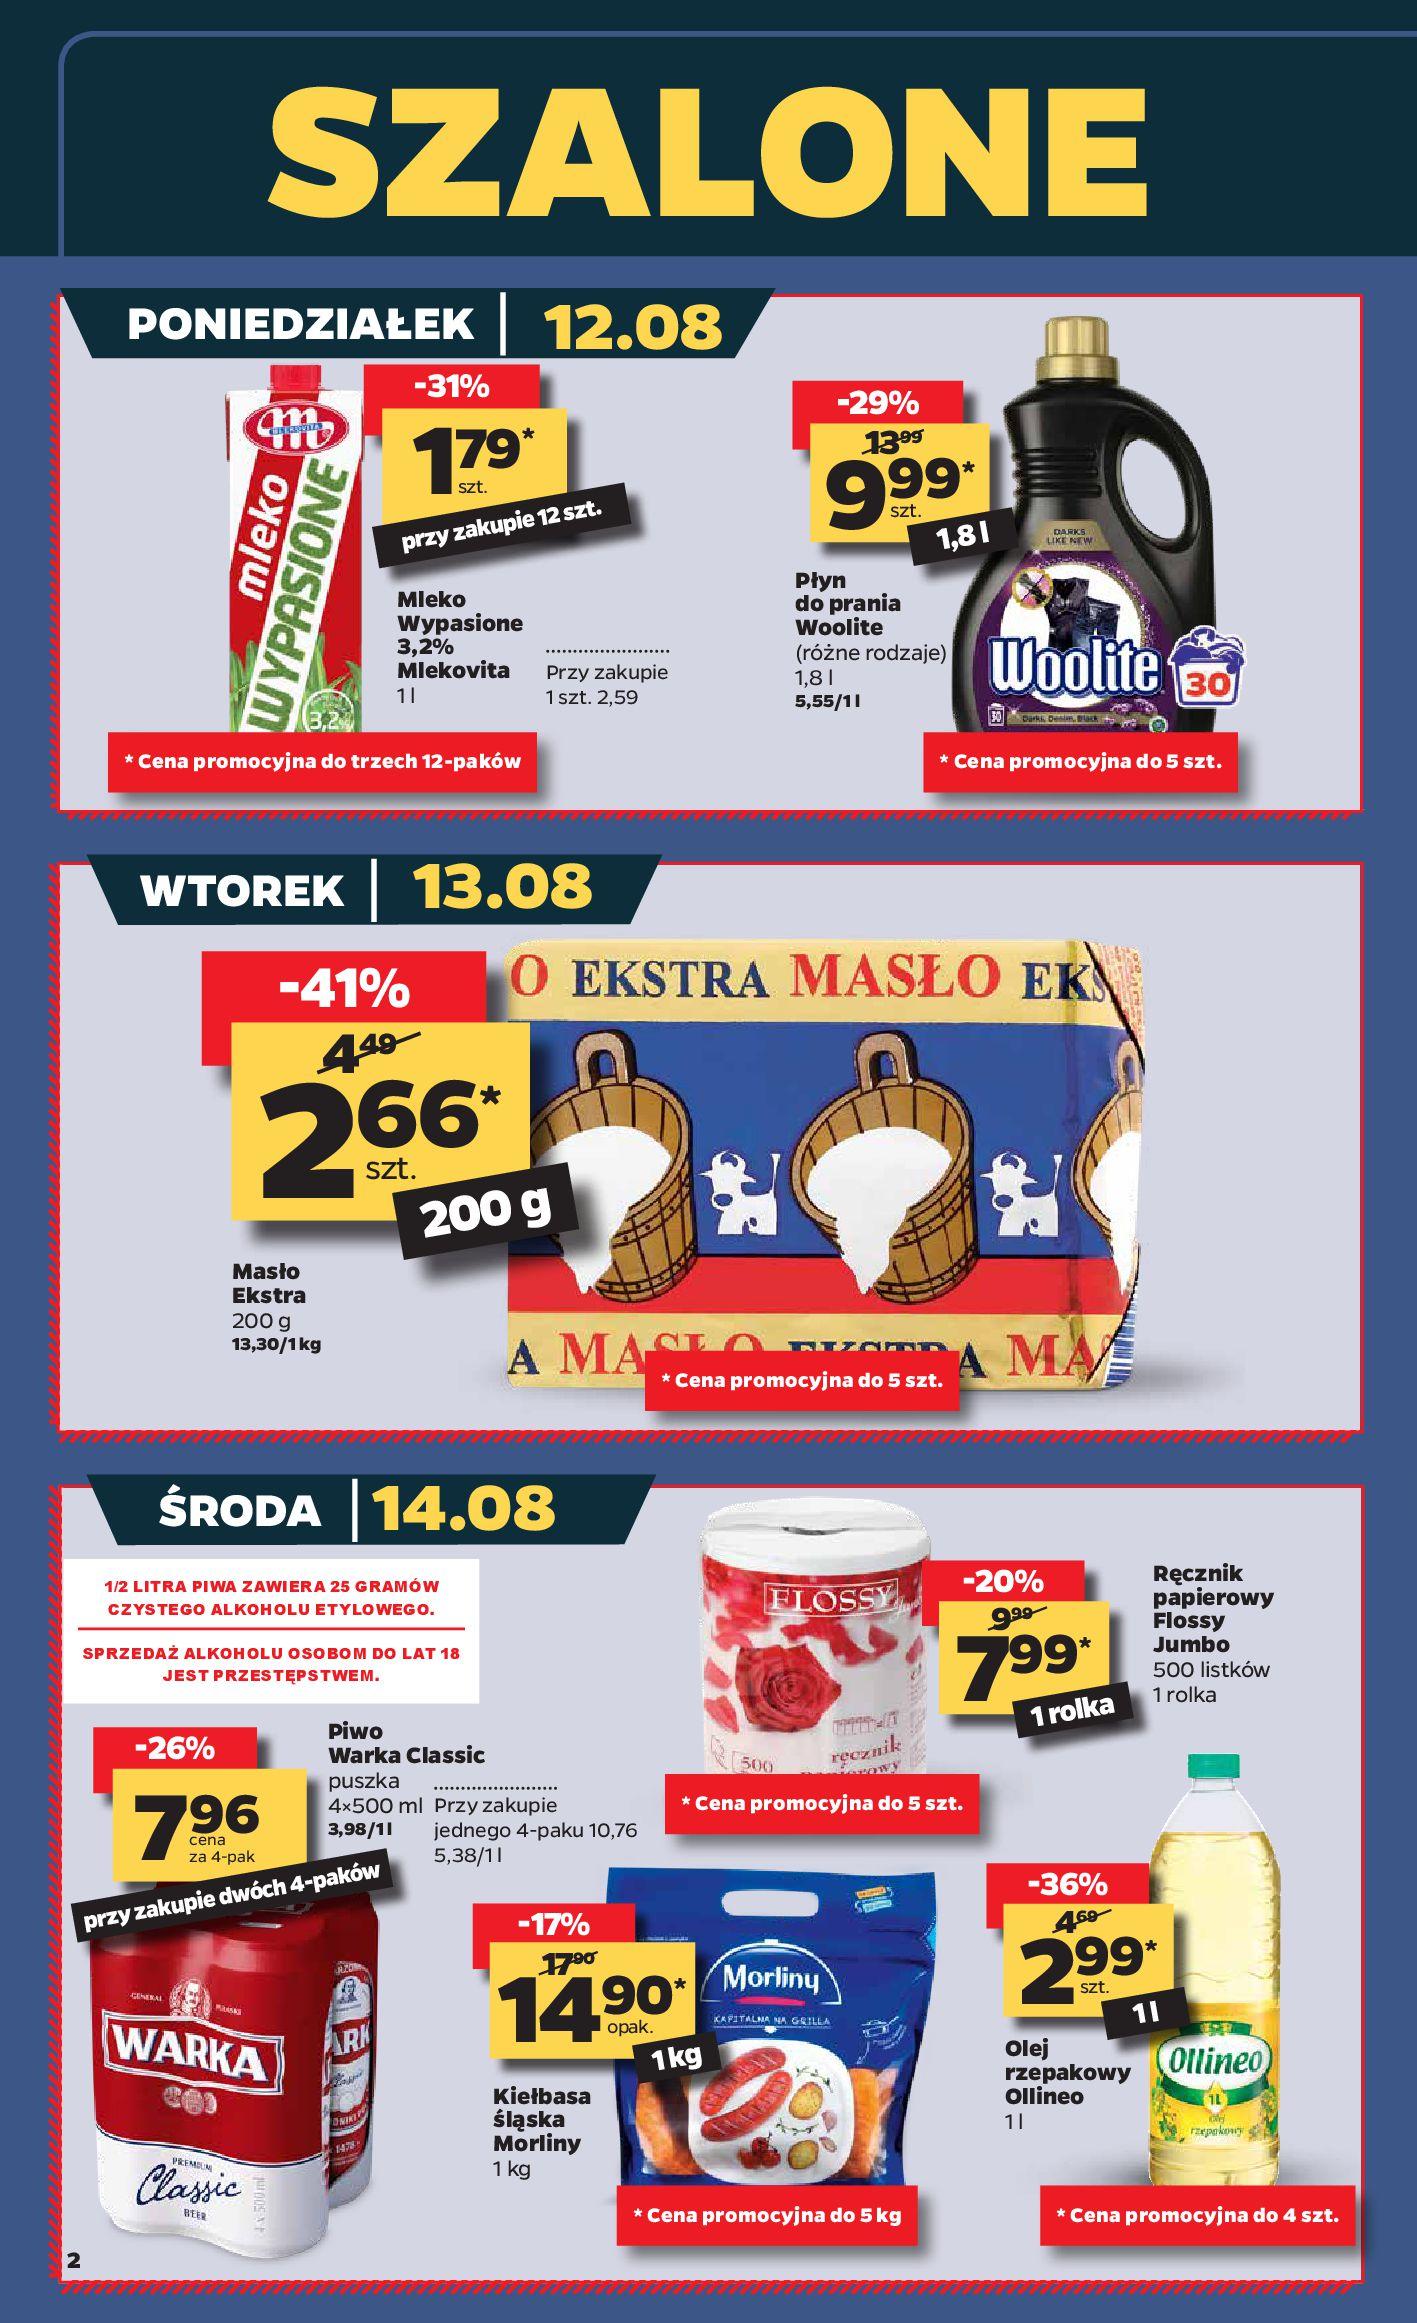 Gazetka Netto - Gazetka spożywcza-11.08.2019-17.08.2019-page-